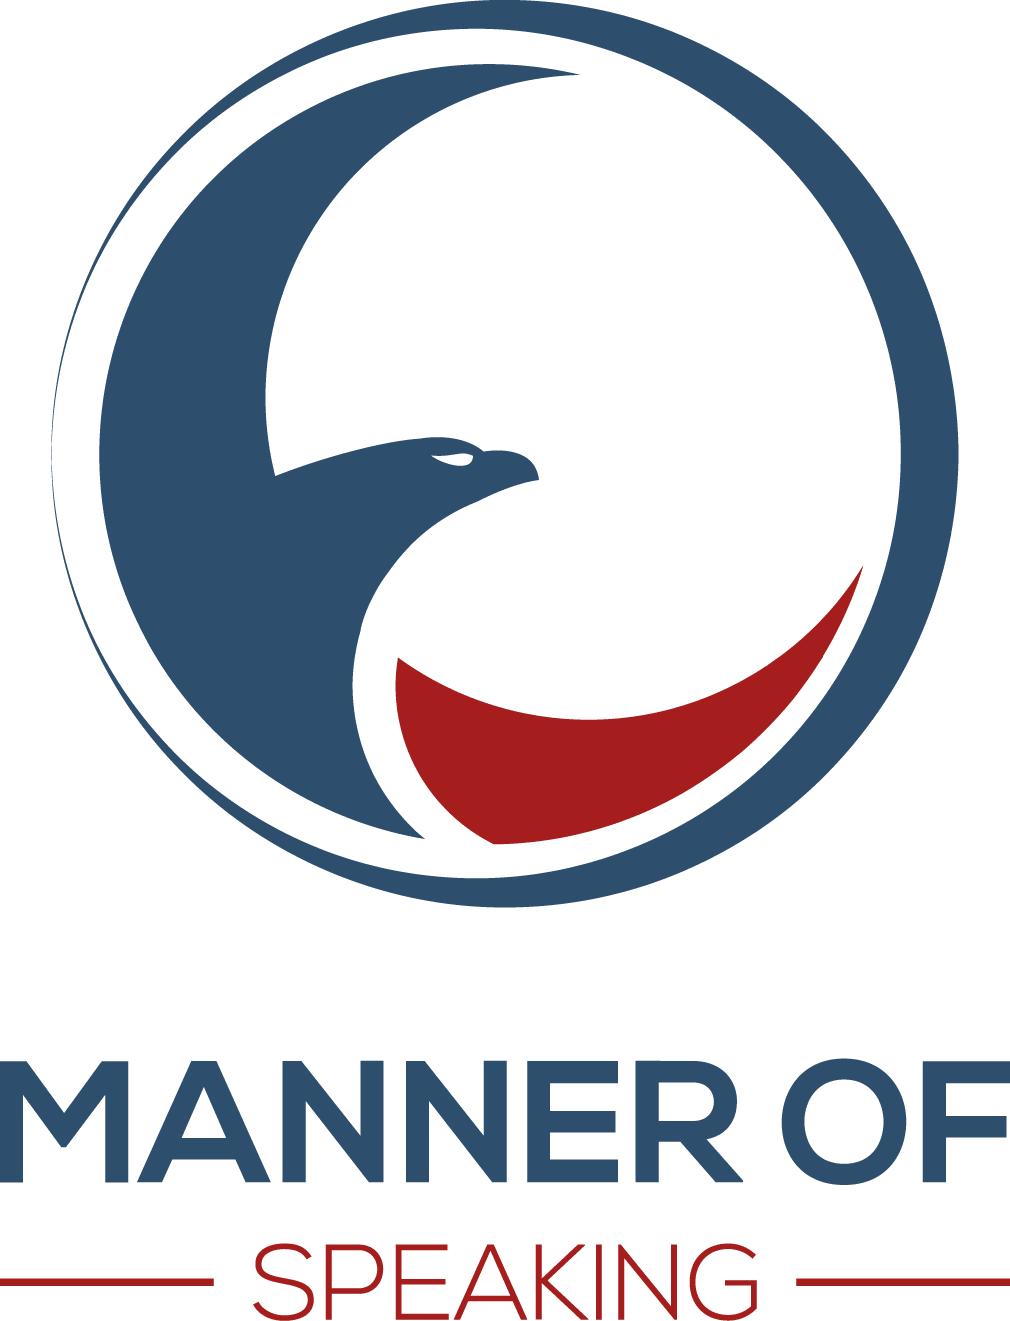 Manner of Speaking Logo